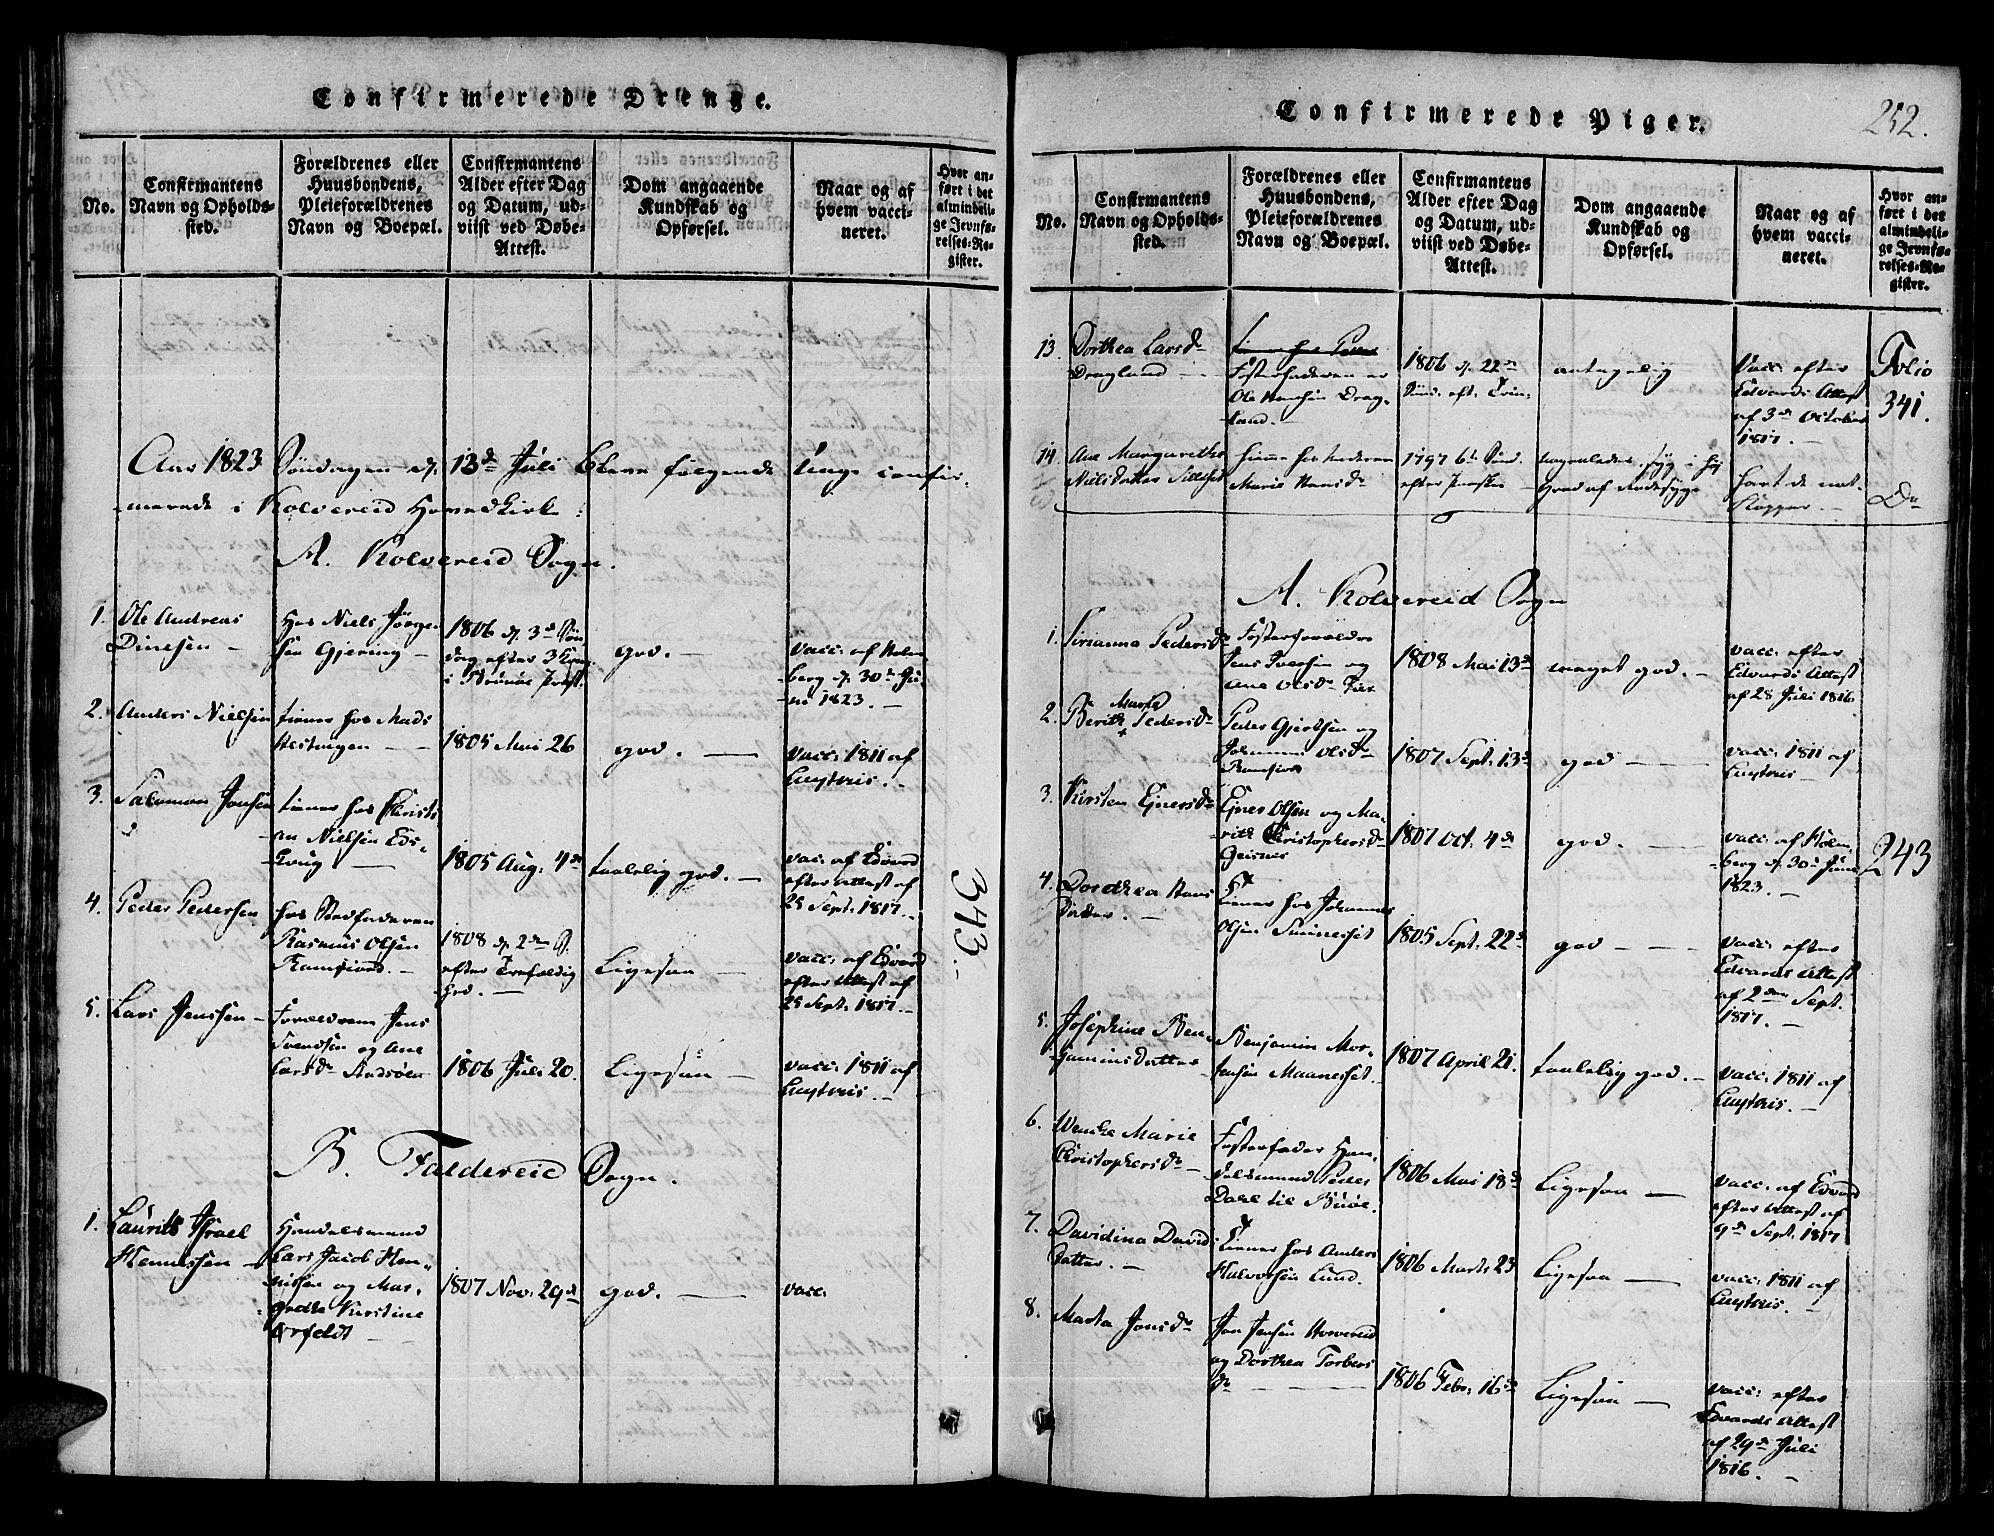 SAT, Ministerialprotokoller, klokkerbøker og fødselsregistre - Nord-Trøndelag, 780/L0636: Ministerialbok nr. 780A03 /1, 1815-1830, s. 252